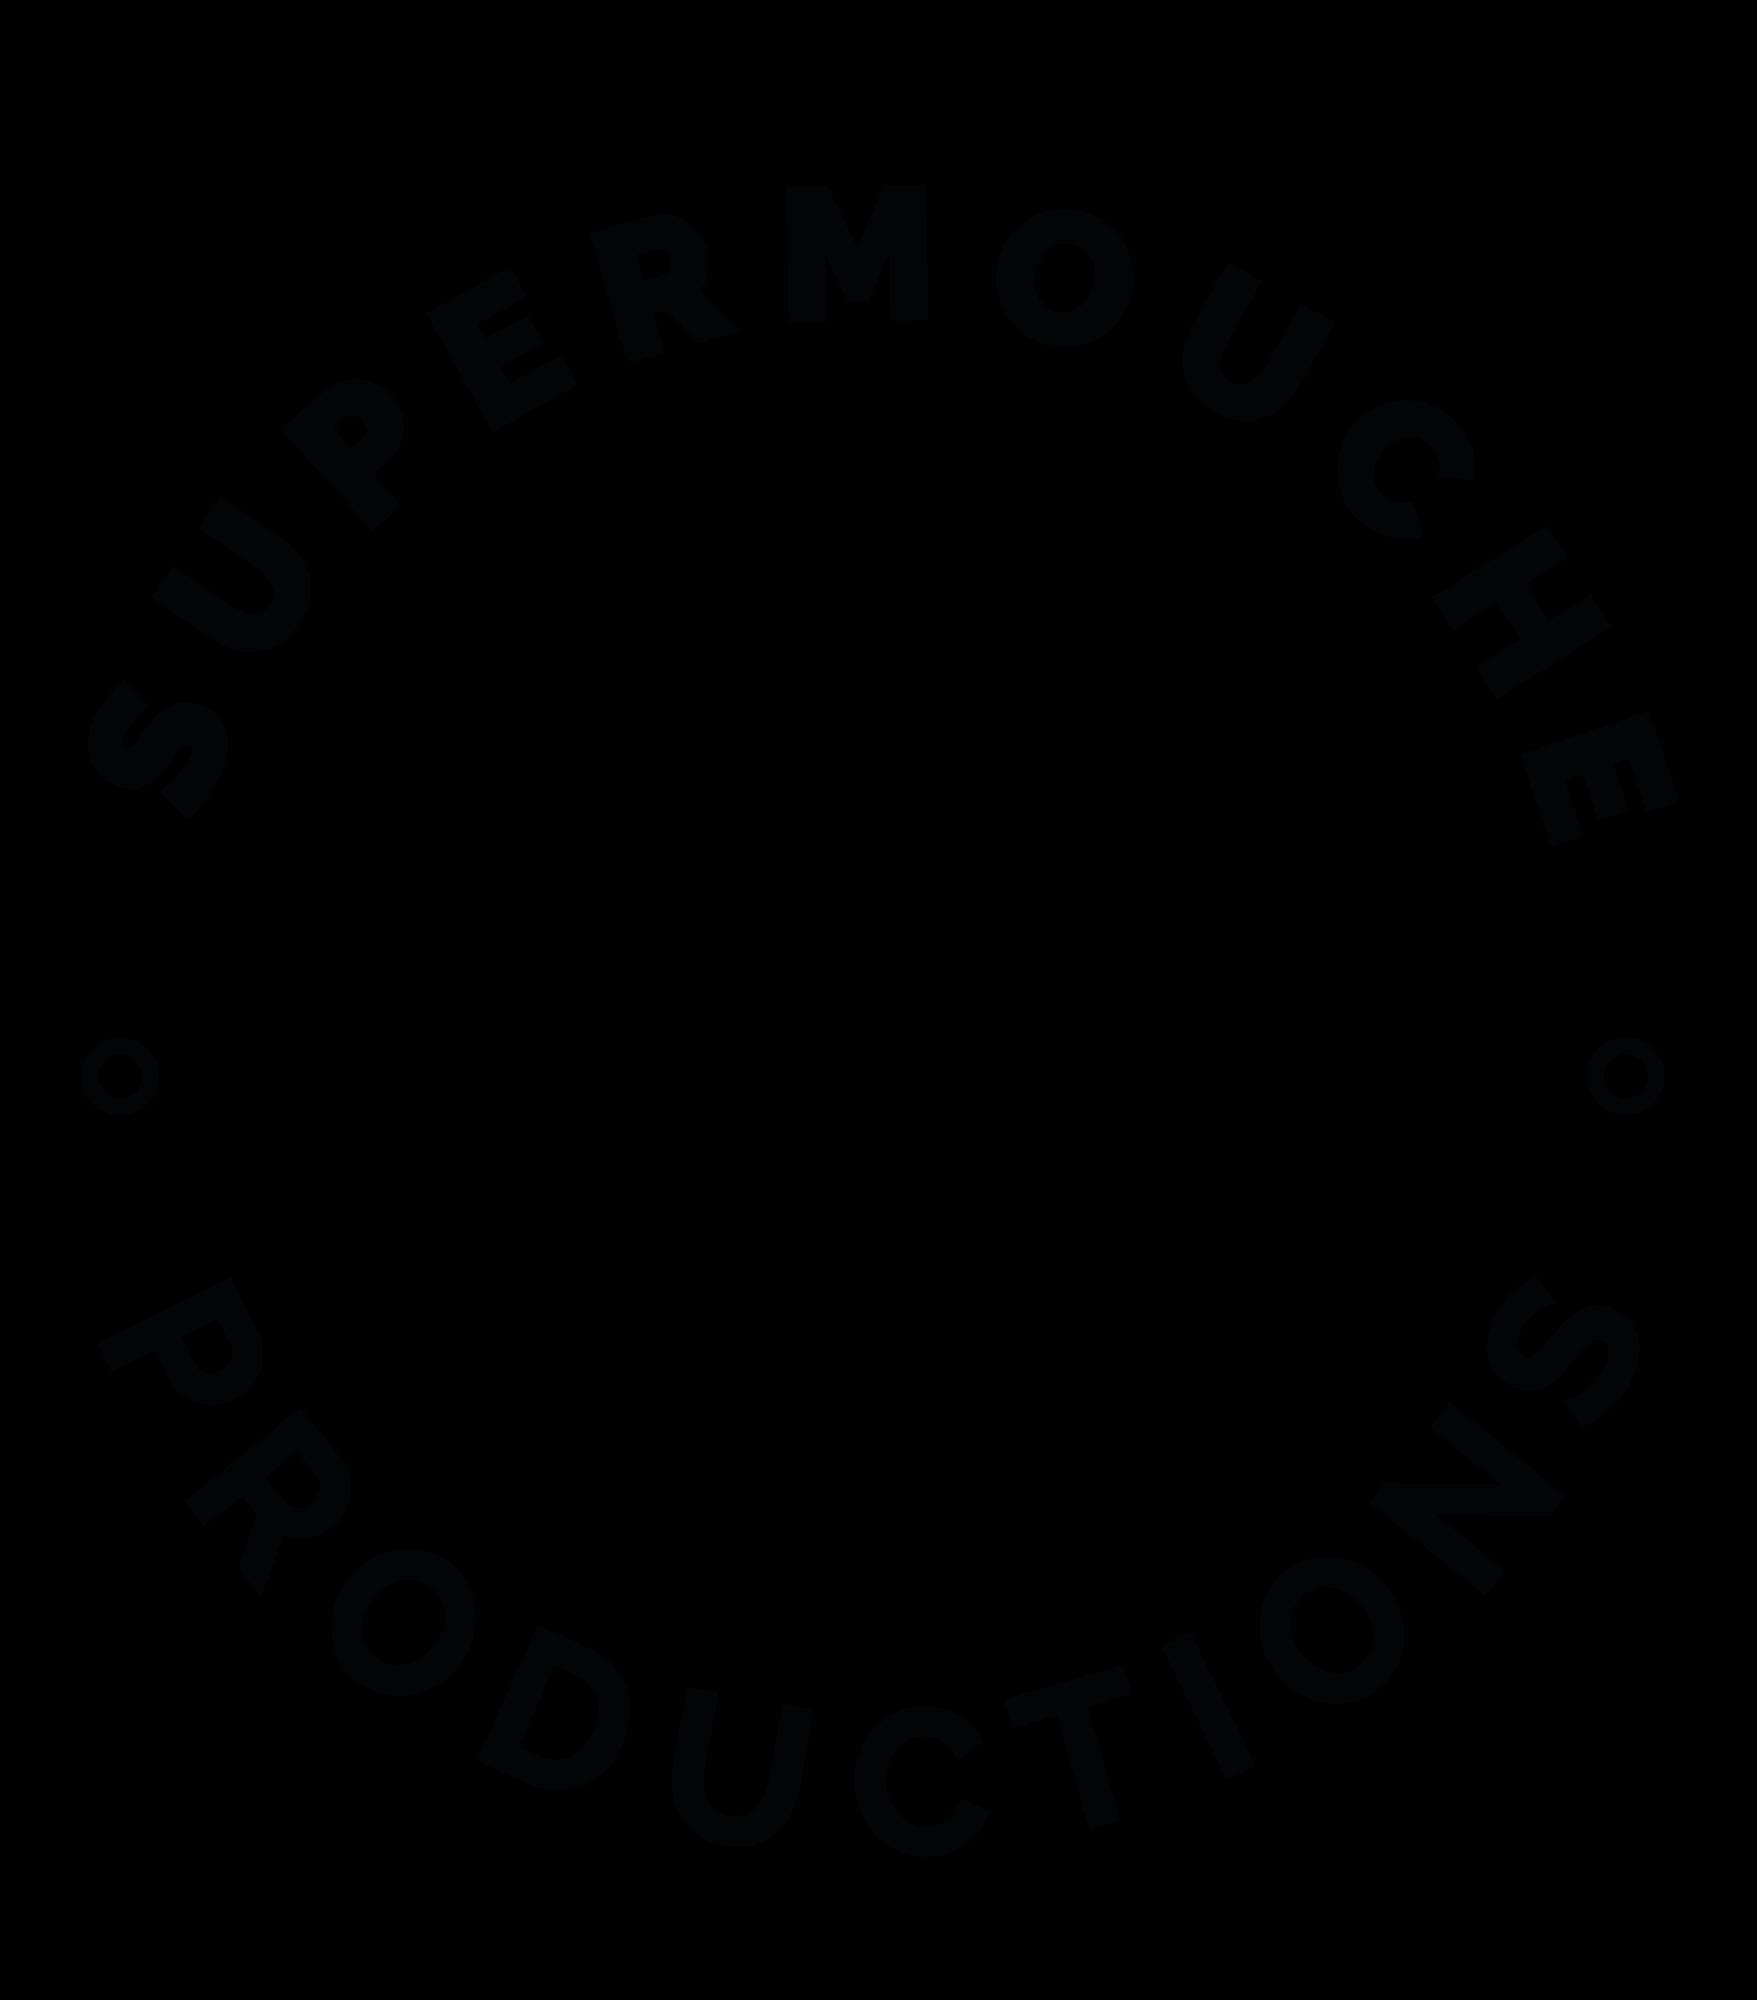 Supermouche